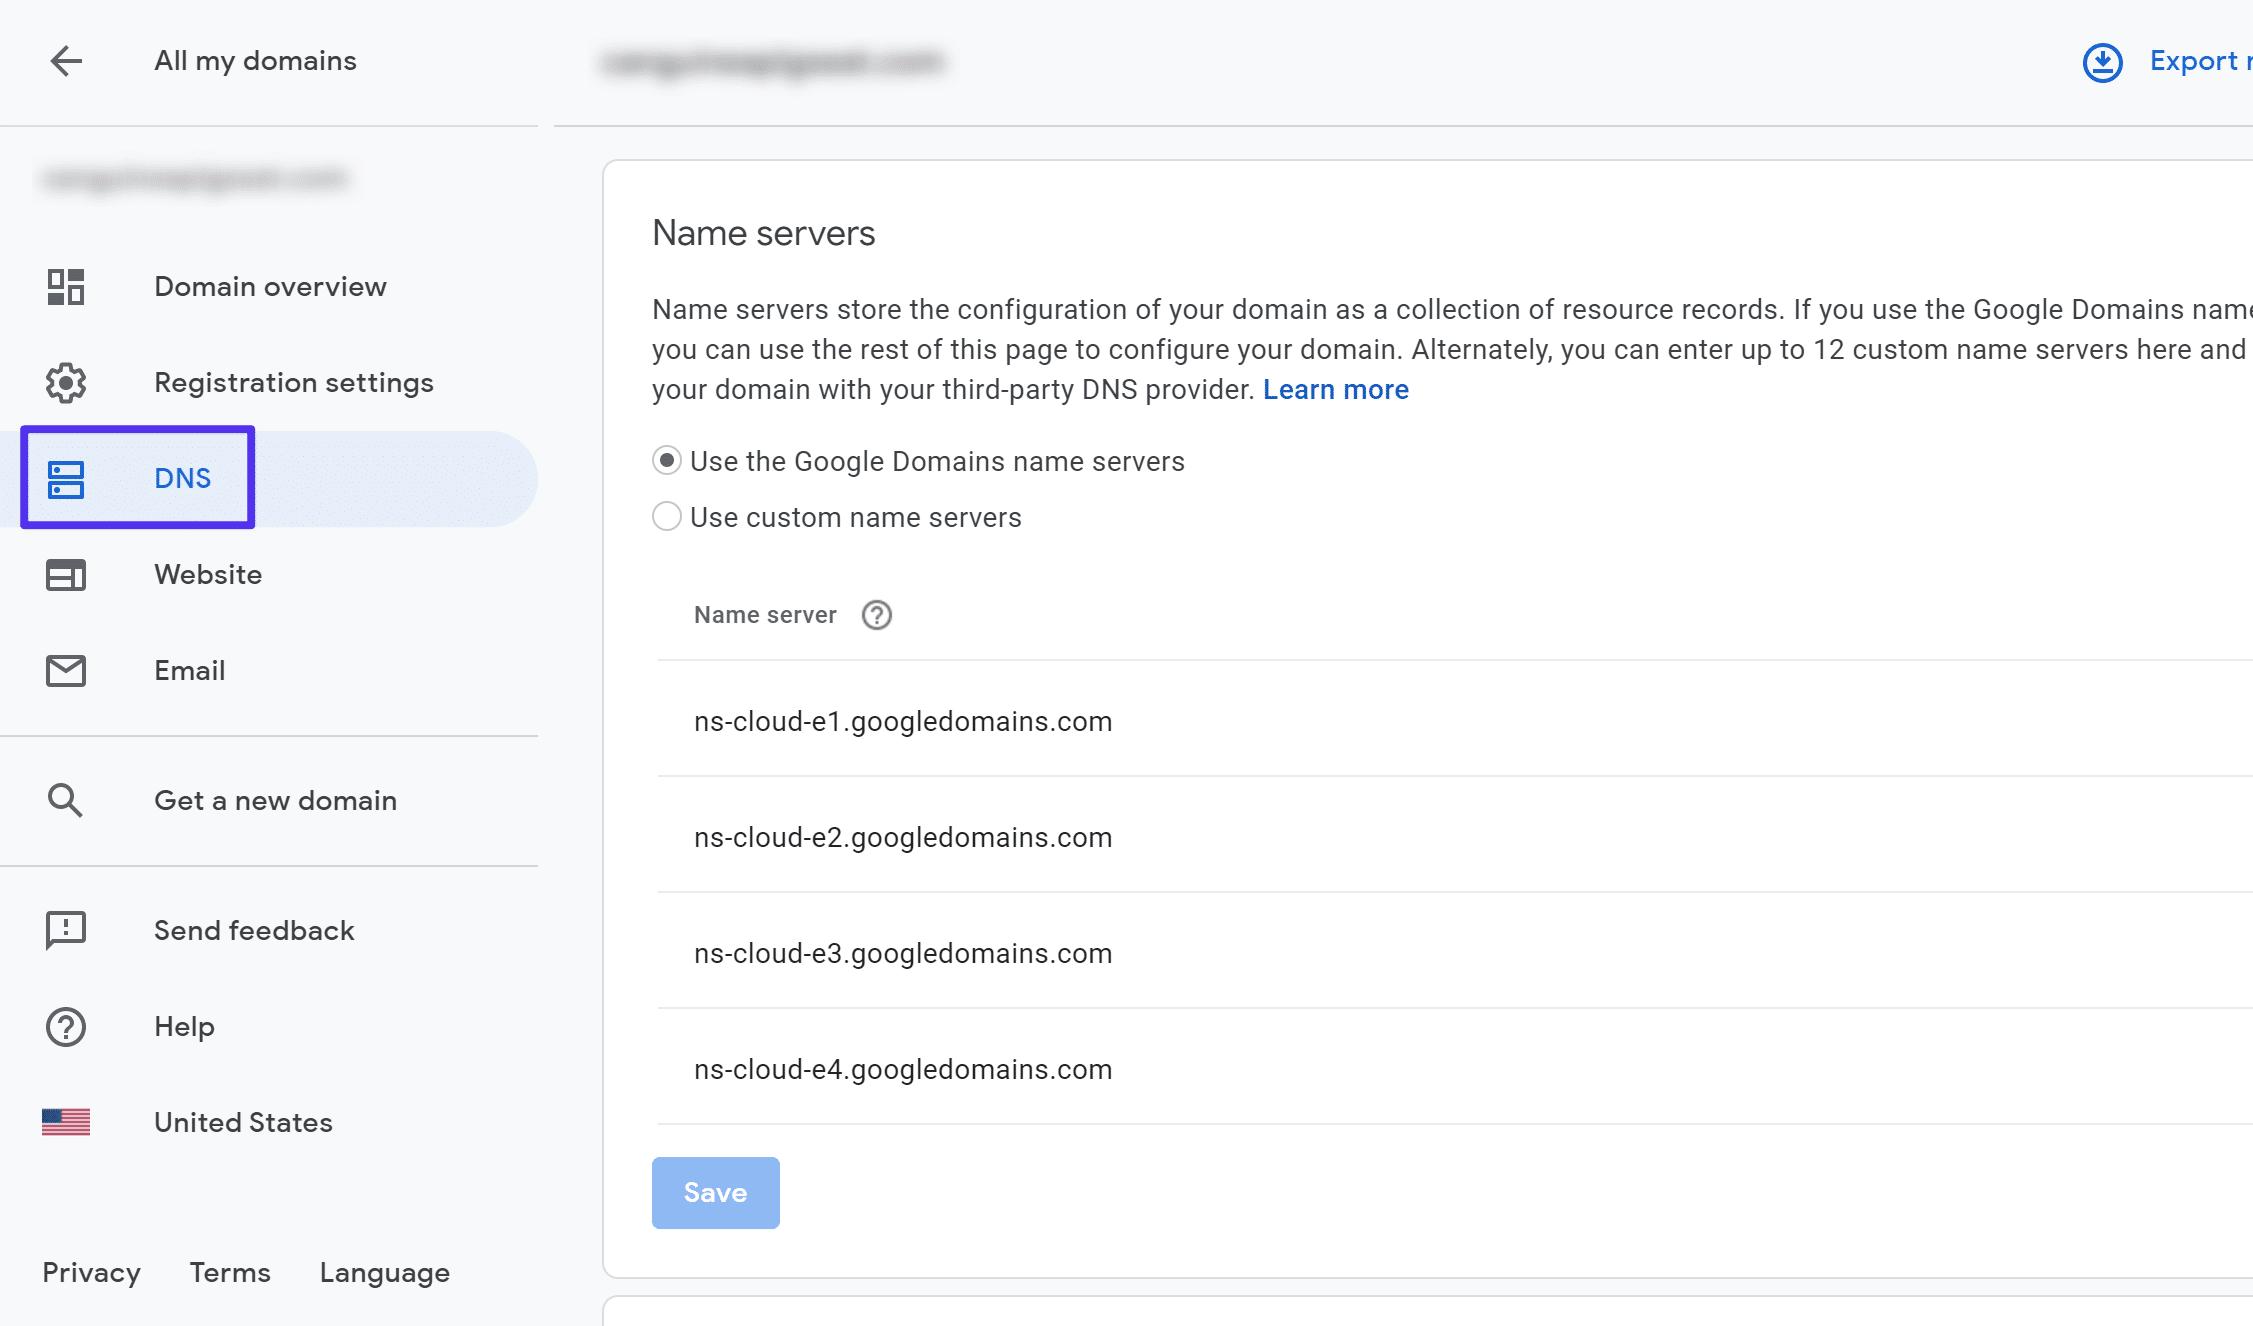 Så här redigerar du namnservrar för Google Domains